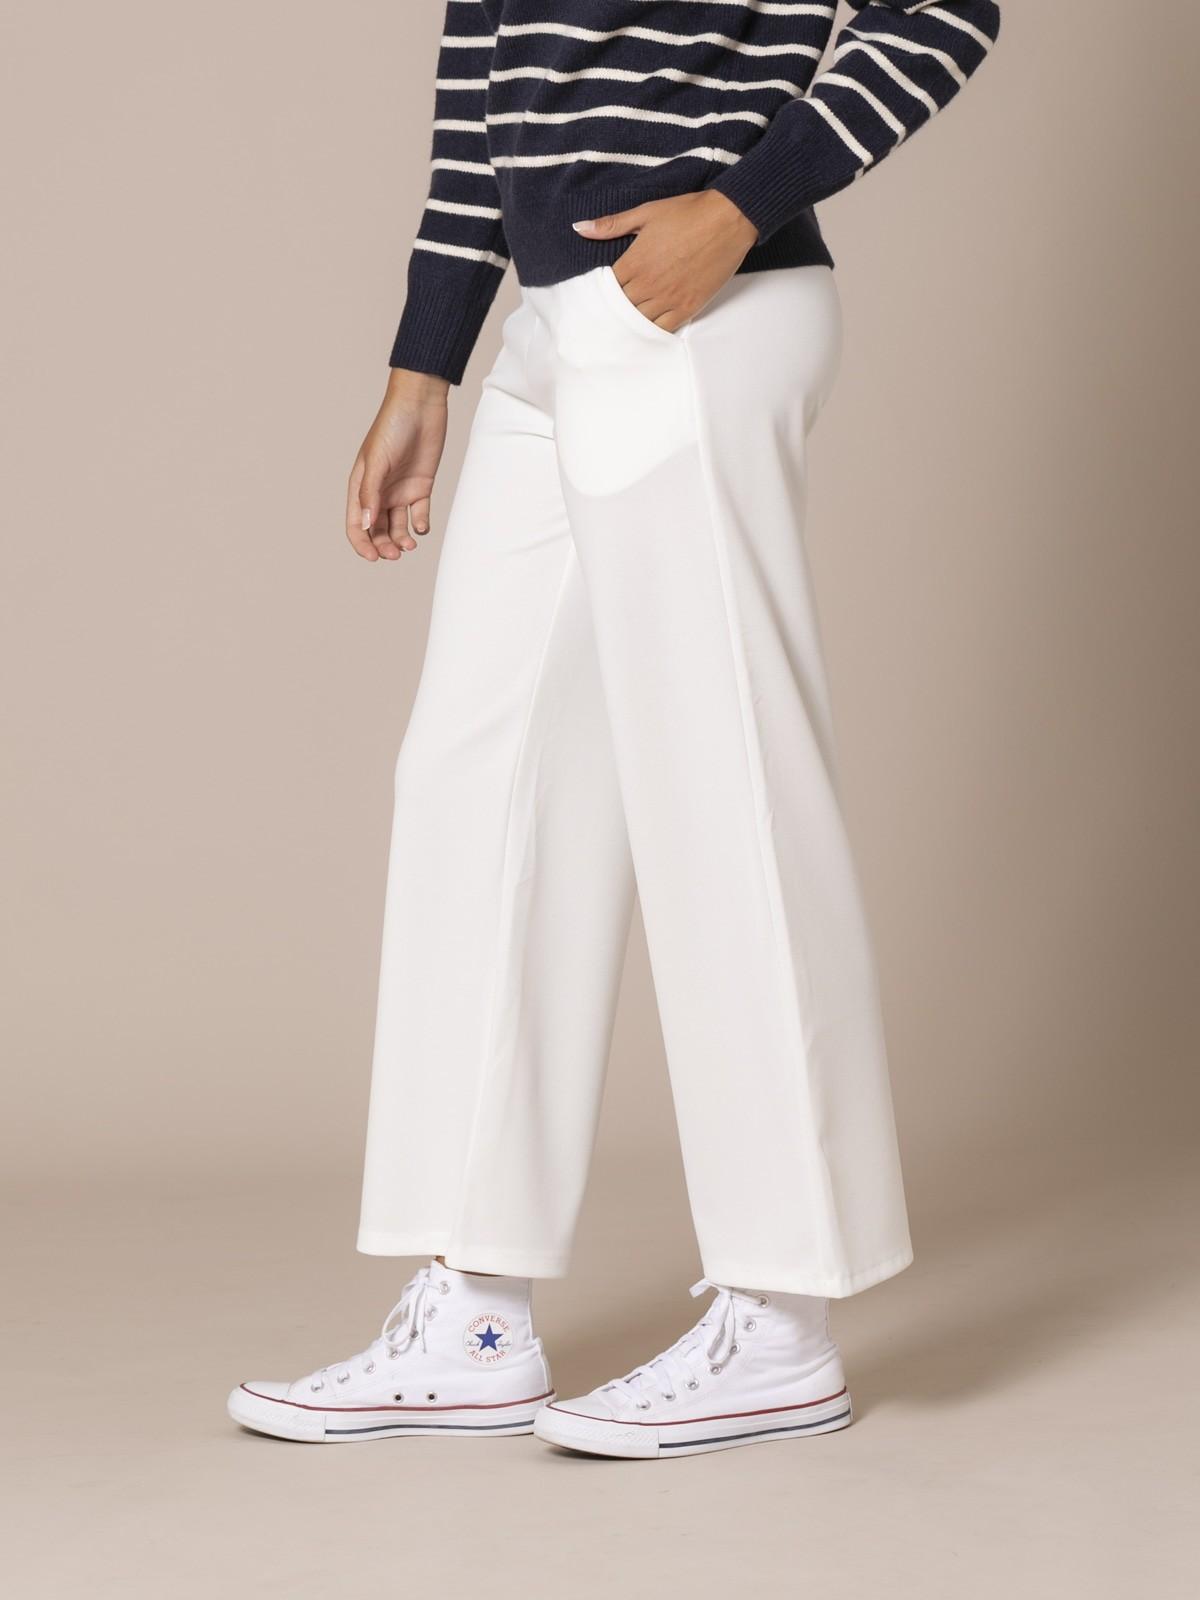 Pantalón mujer de caida con bolsillos Crudo